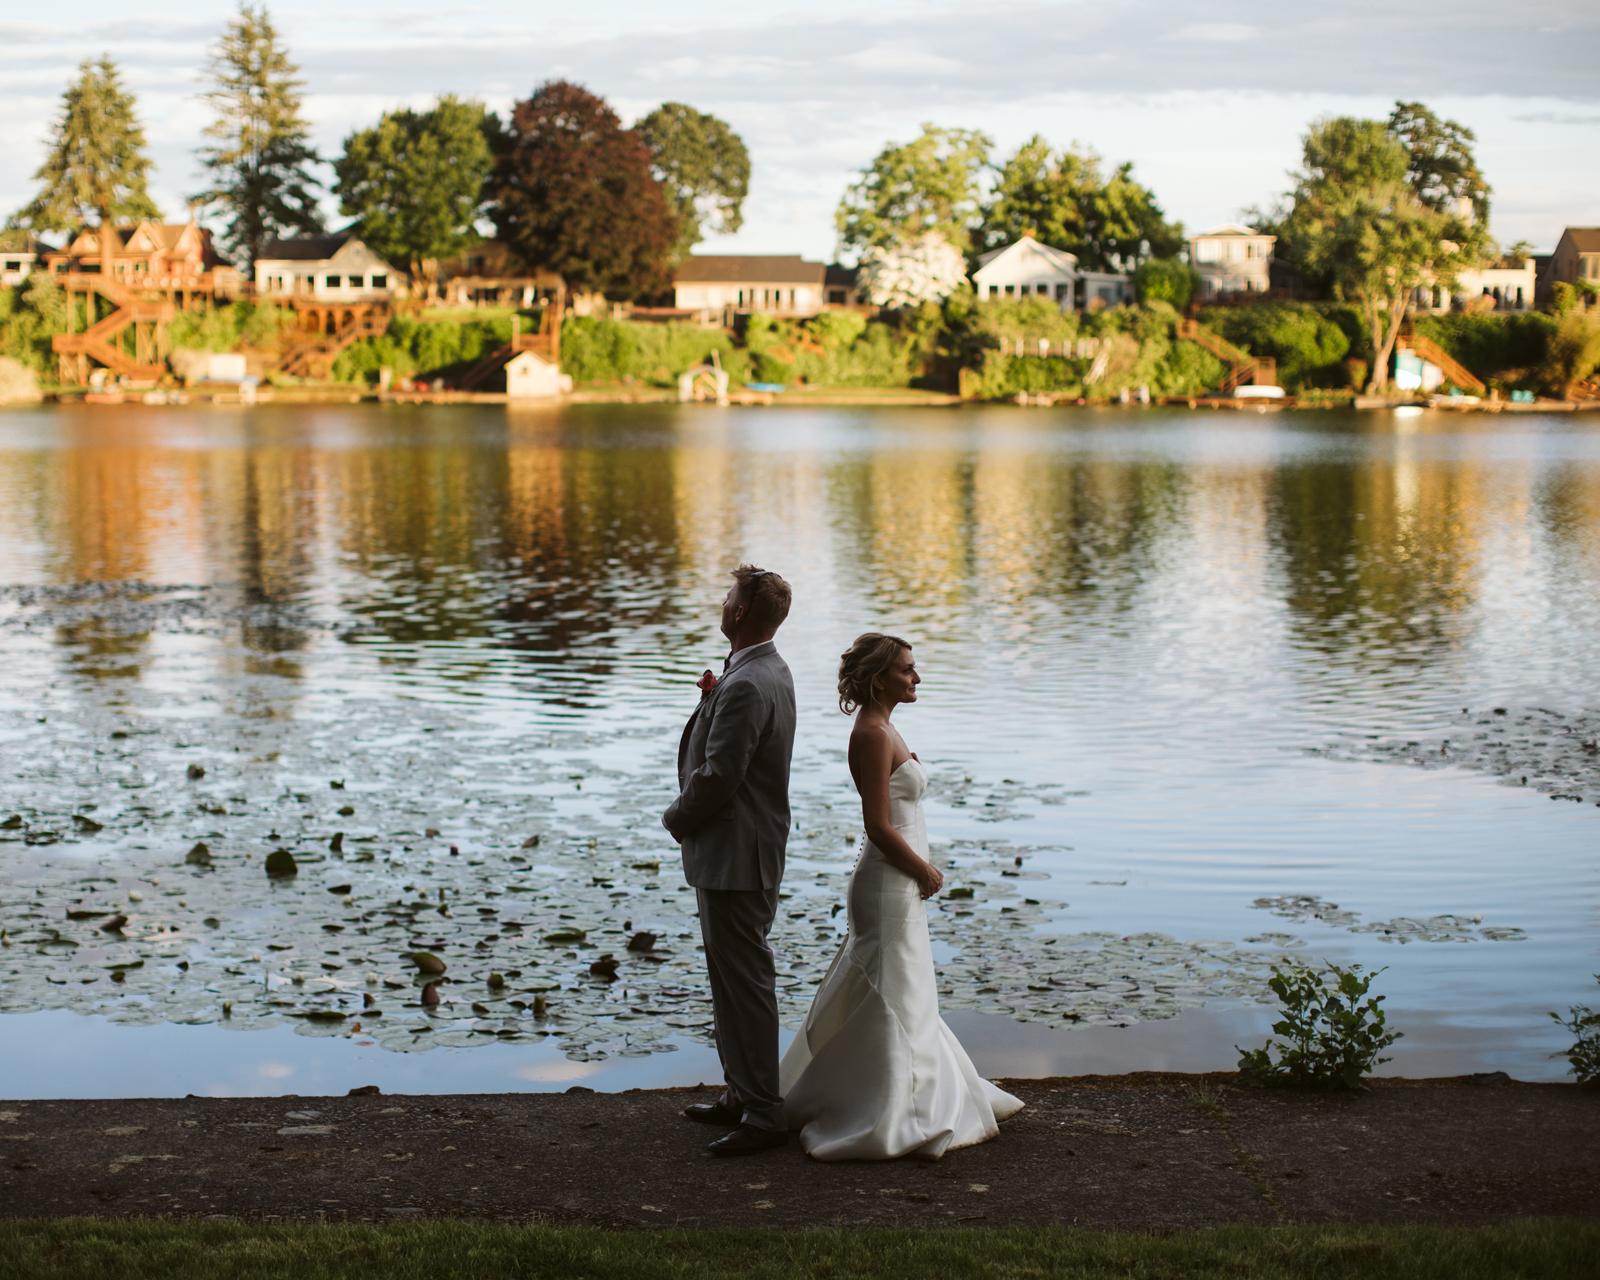 164-daronjackson-gabby-alec-wedding.jpg